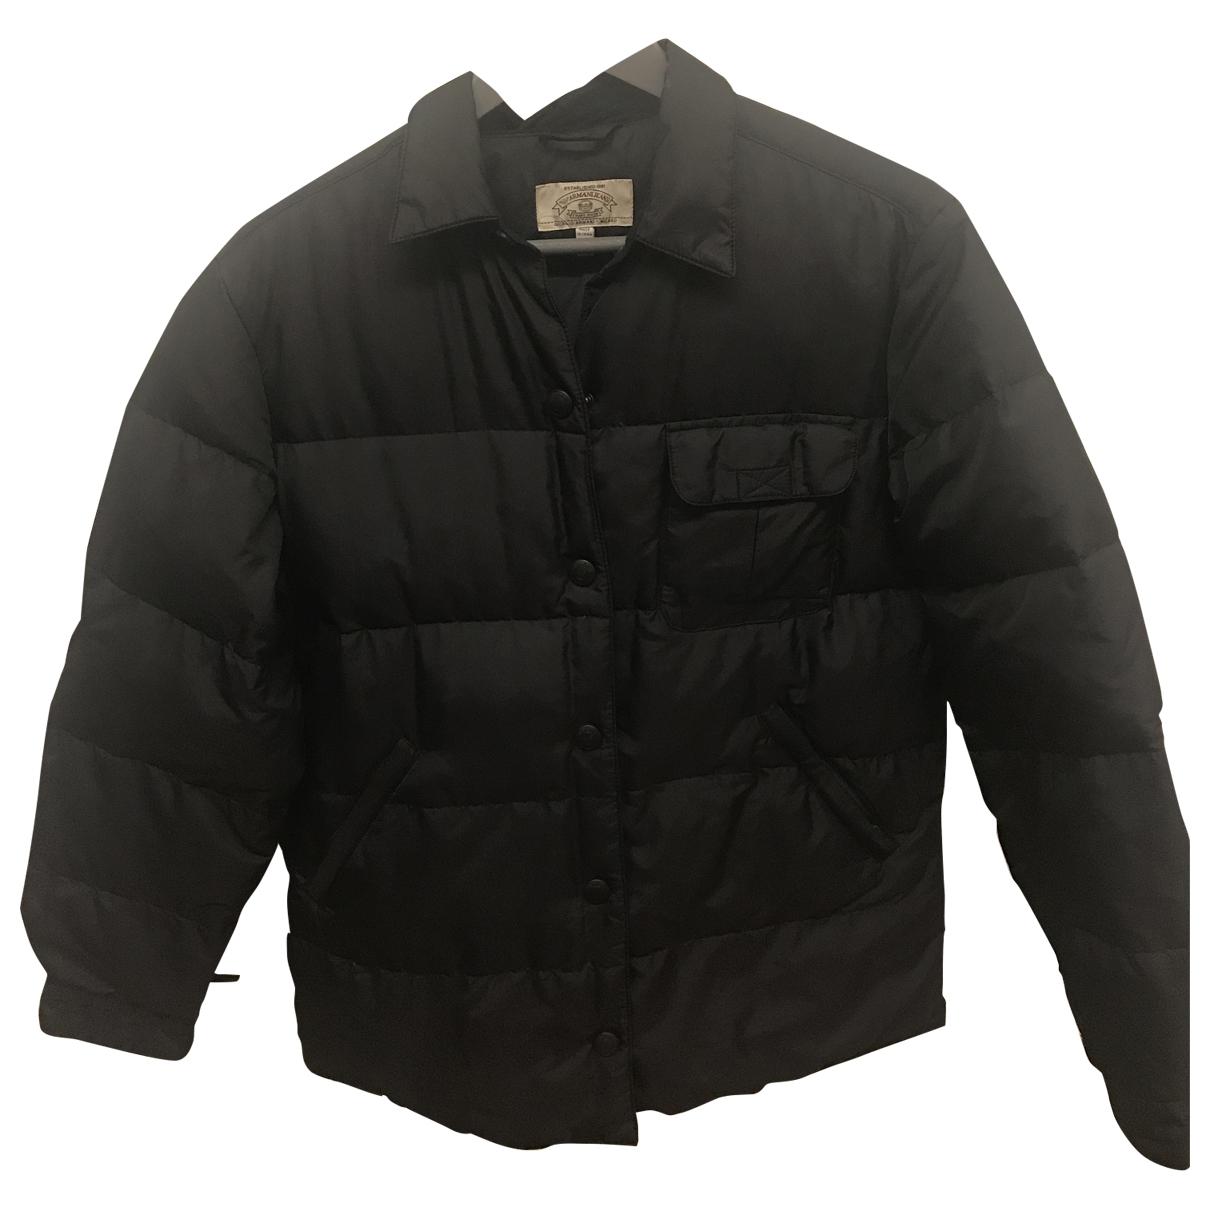 Armani Jeans \N Black jacket for Women 42 IT